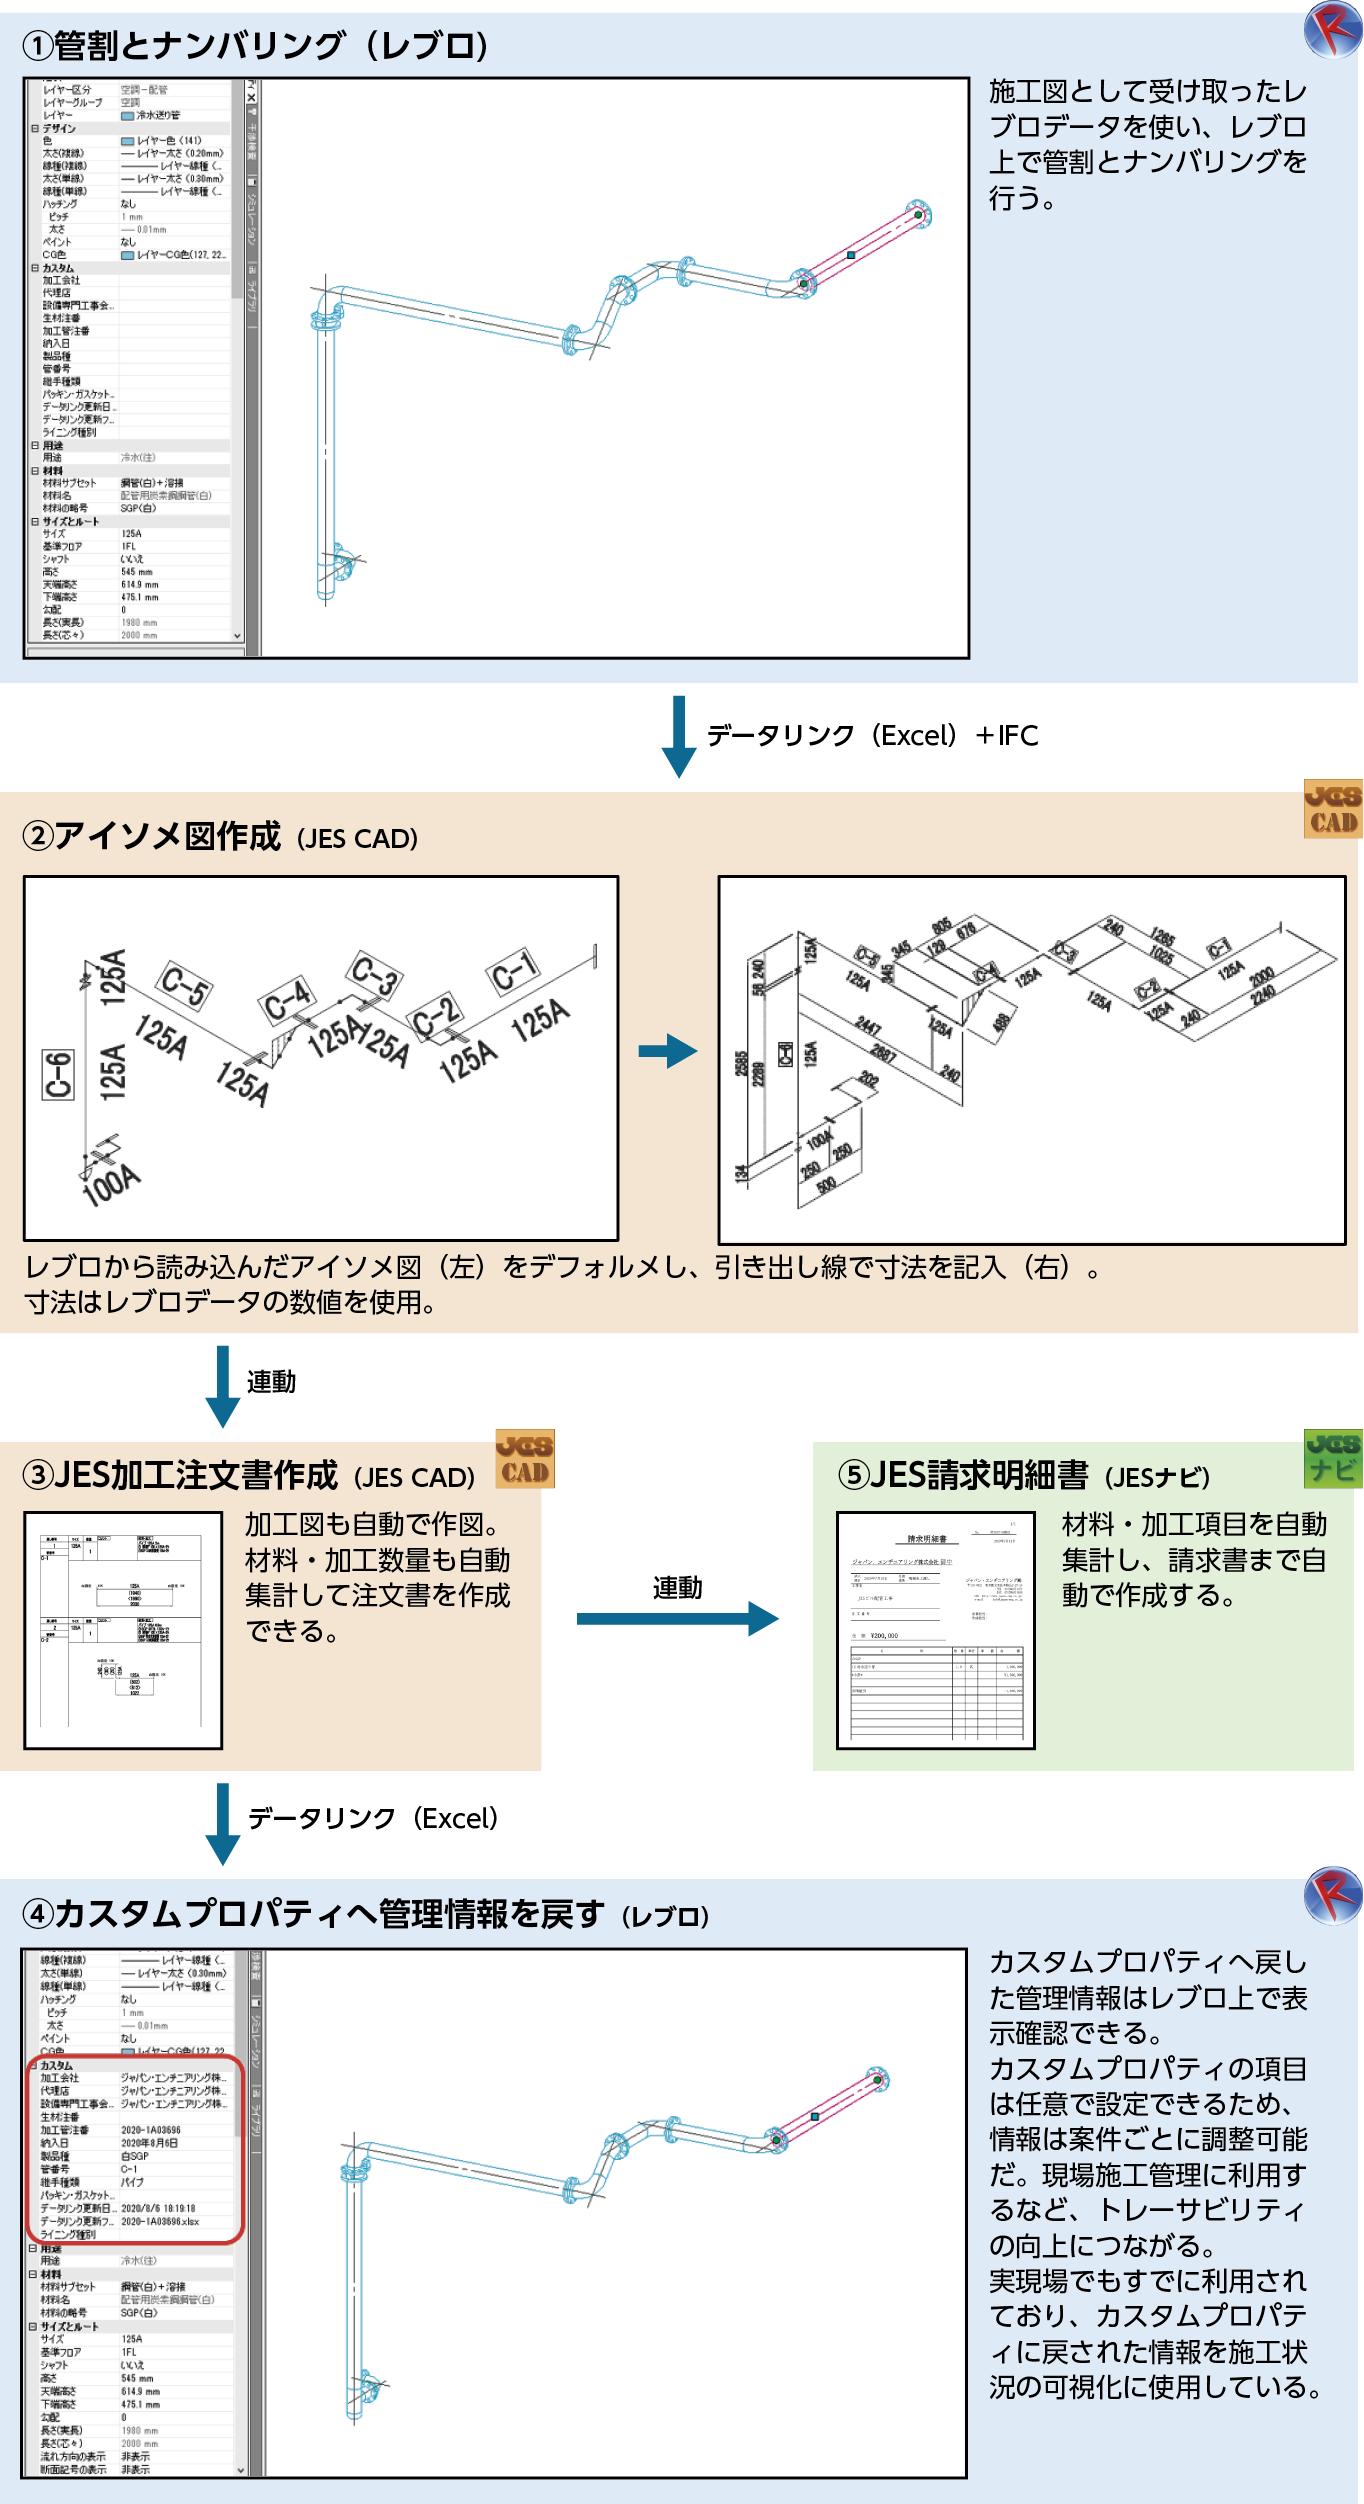 ▲(図3)レブロデータとJES CADの連動イメージ